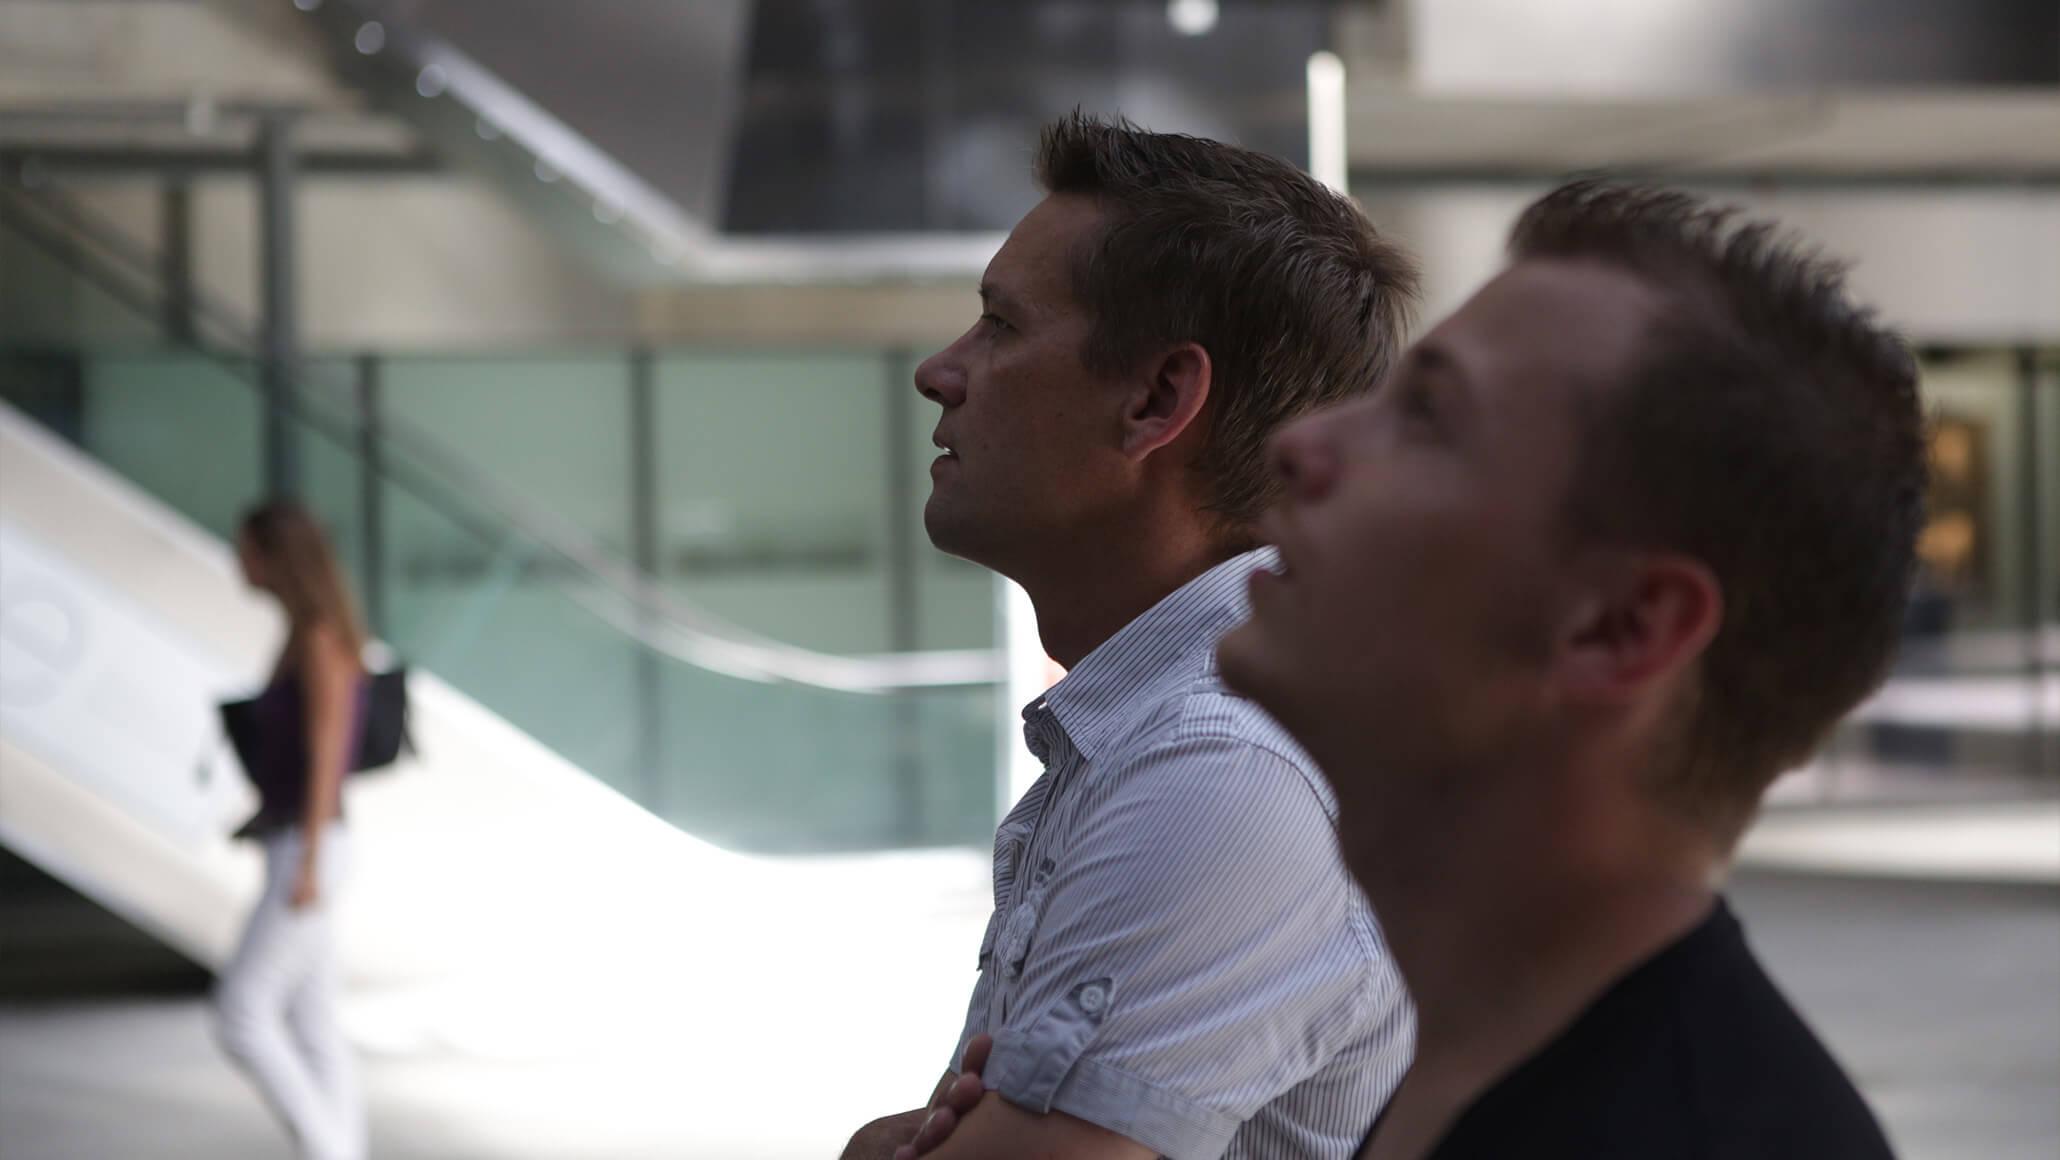 Teamevent: Marcel Hohl und Andreas Lehmann vom PRtools-Team beim lösen eines Rätsels des Foxtrails in Zürich.